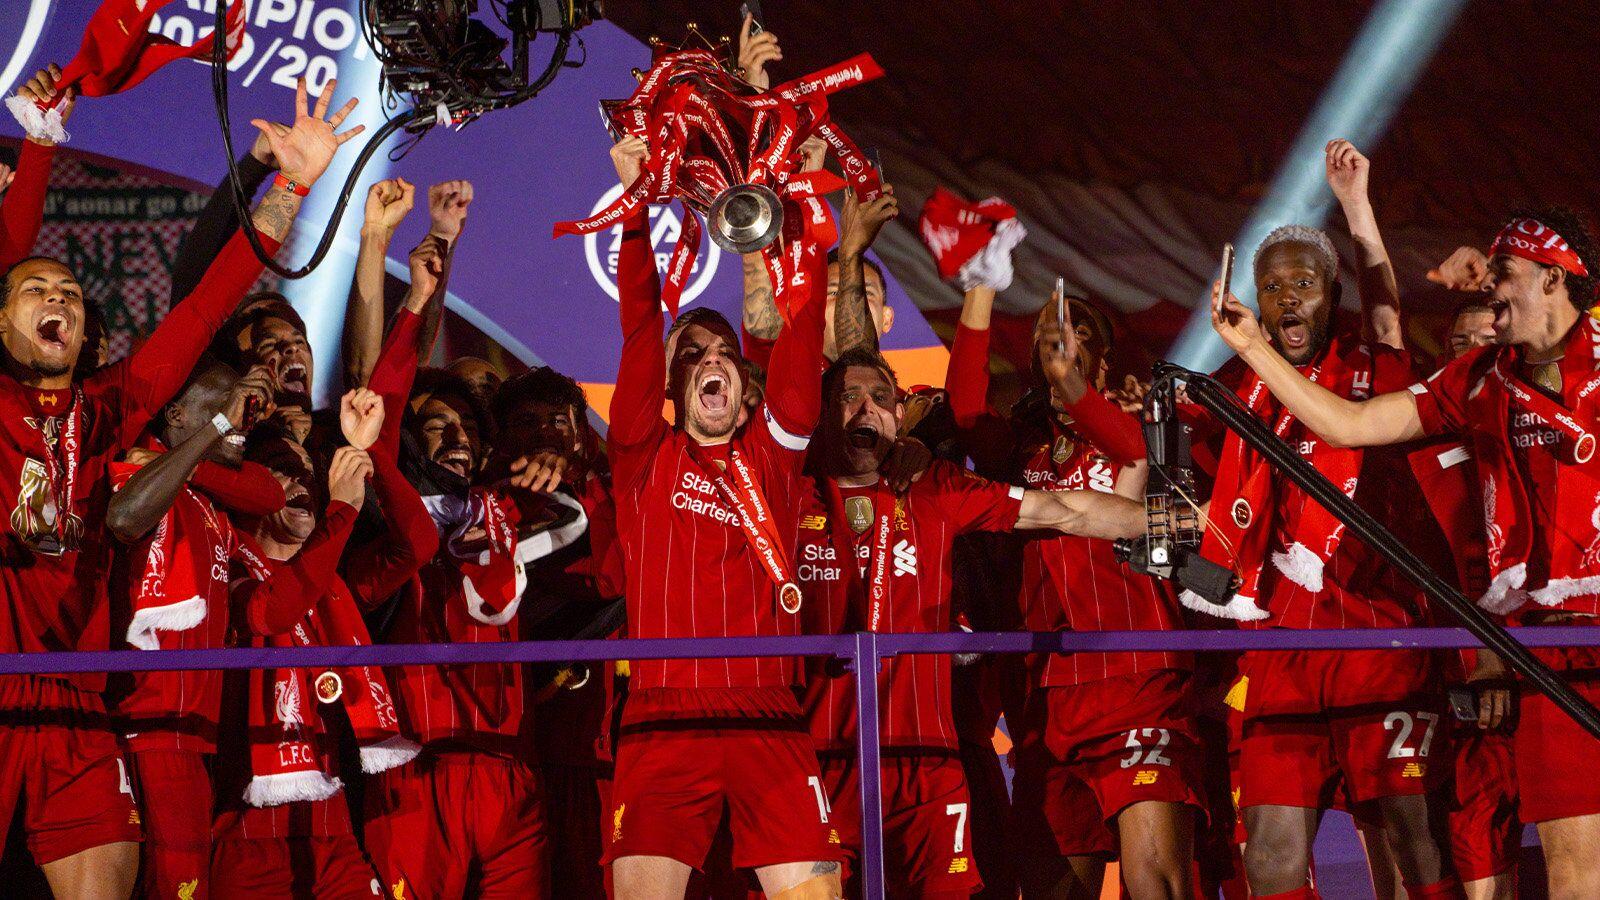 英超大结局:曼城、曼联、切尔西进欧冠,沃特福德降级